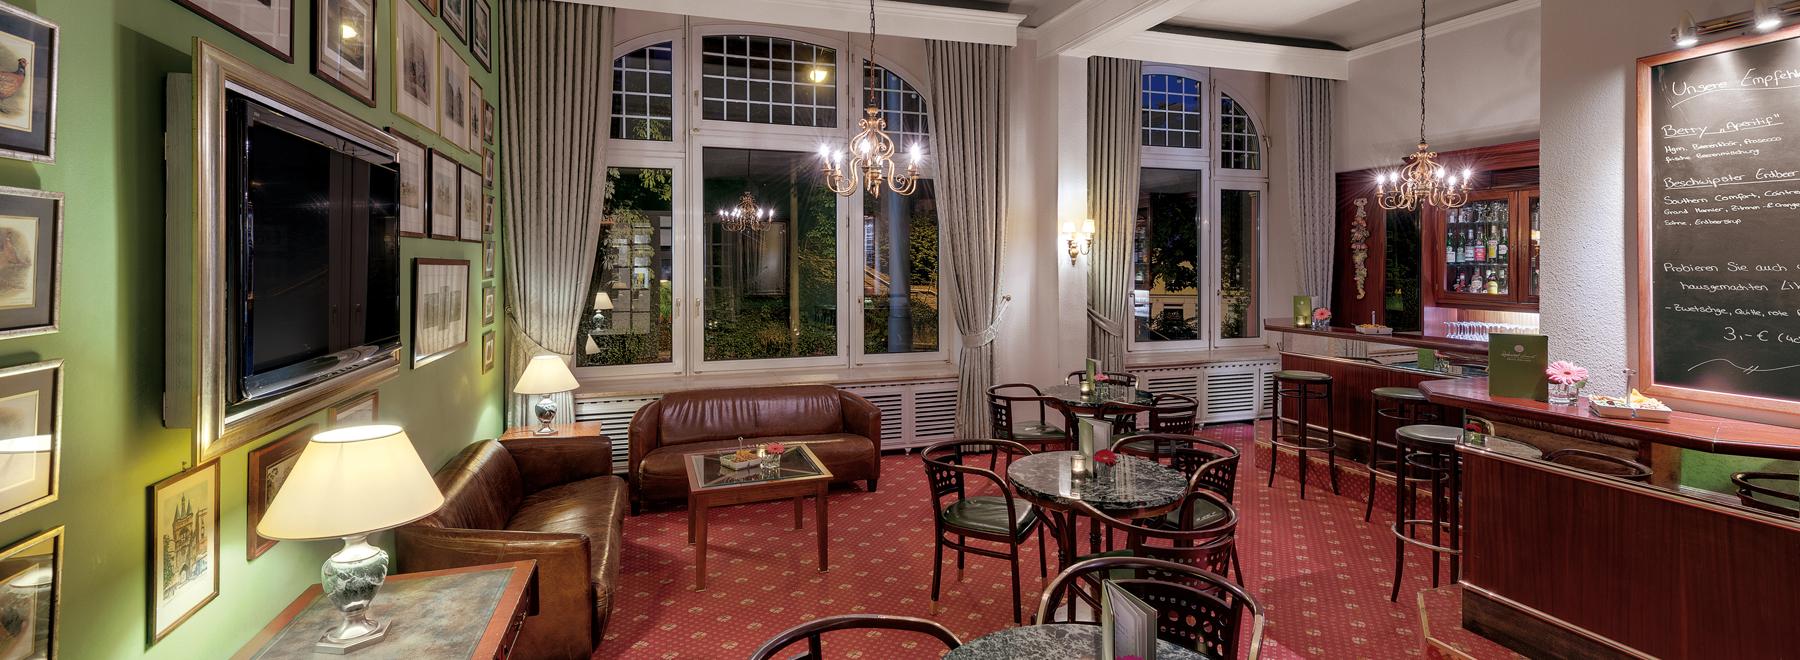 Bar - Hotel Oranien